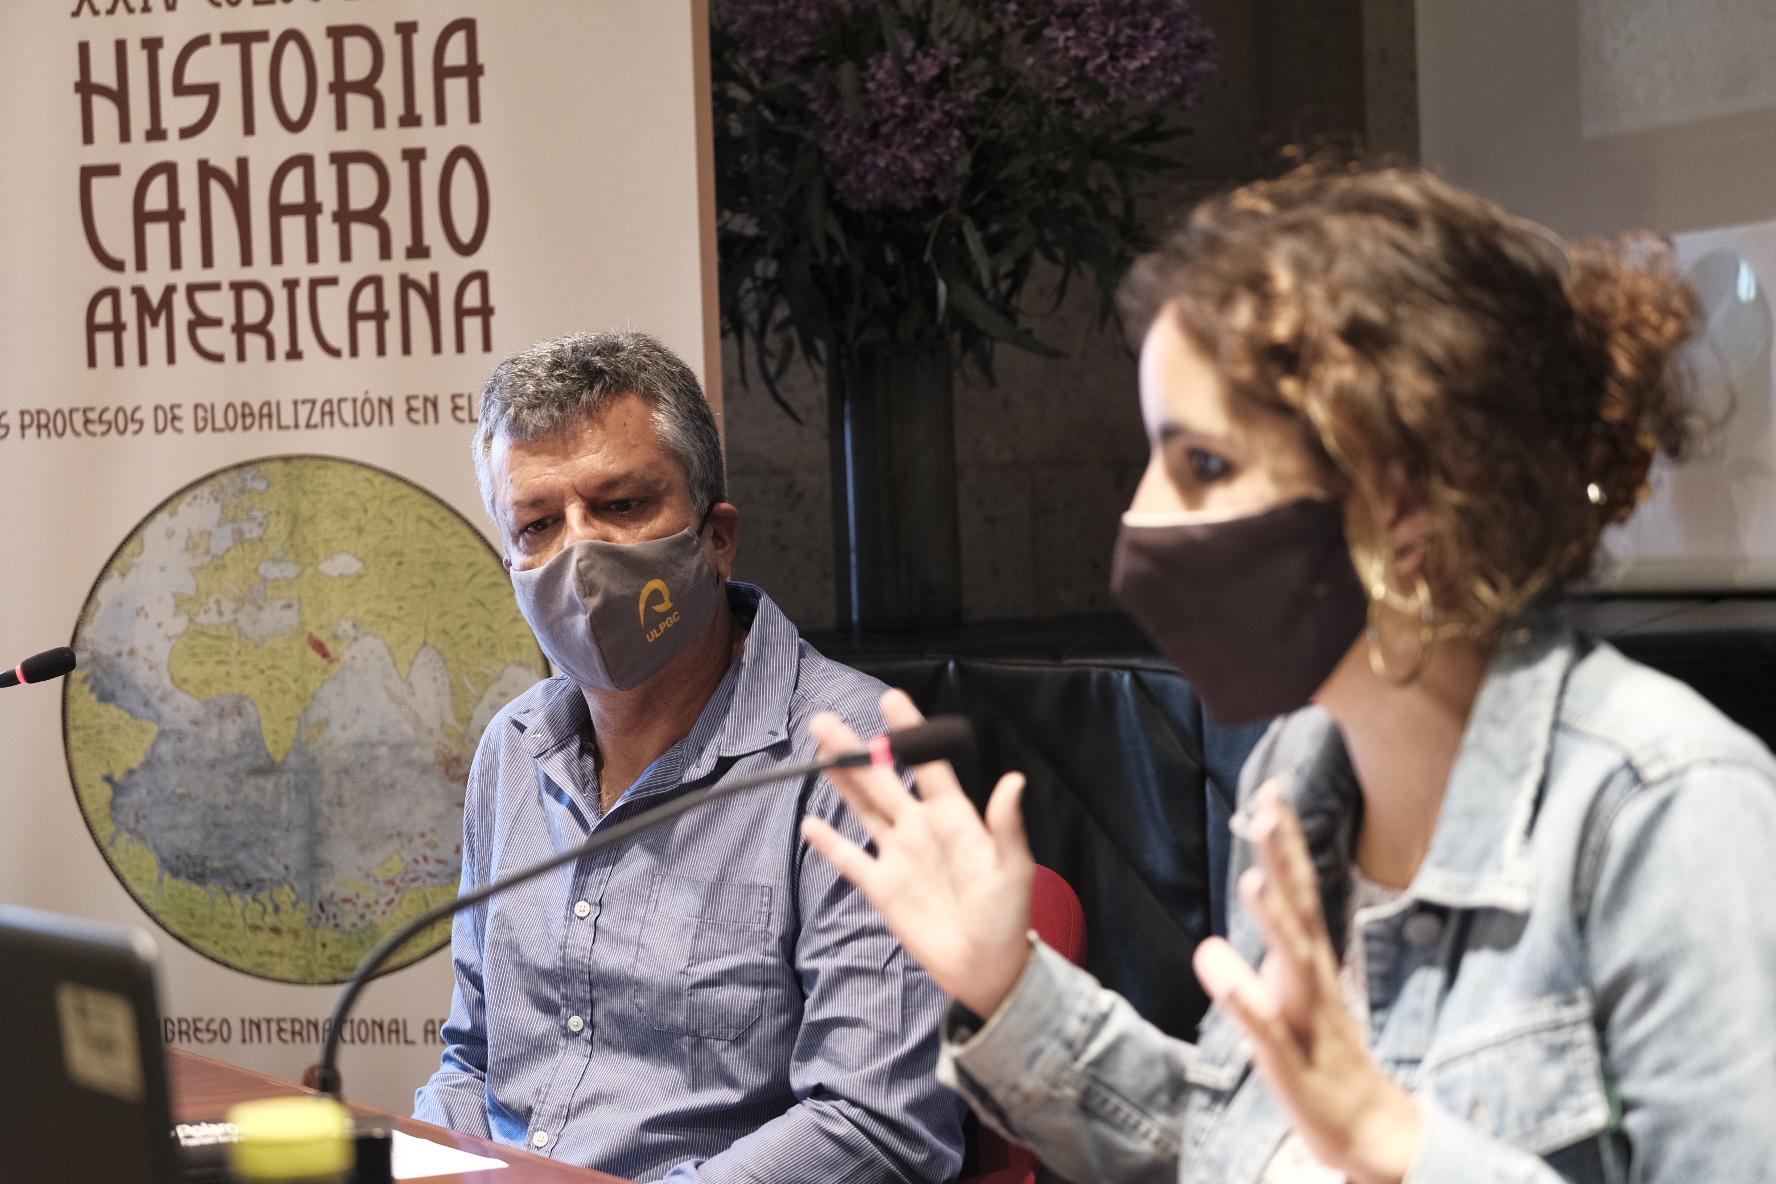 Los hermanos León y Castillo, claves para la segunda globalización en Canarias gracias al comercio de tabaco y azúcar